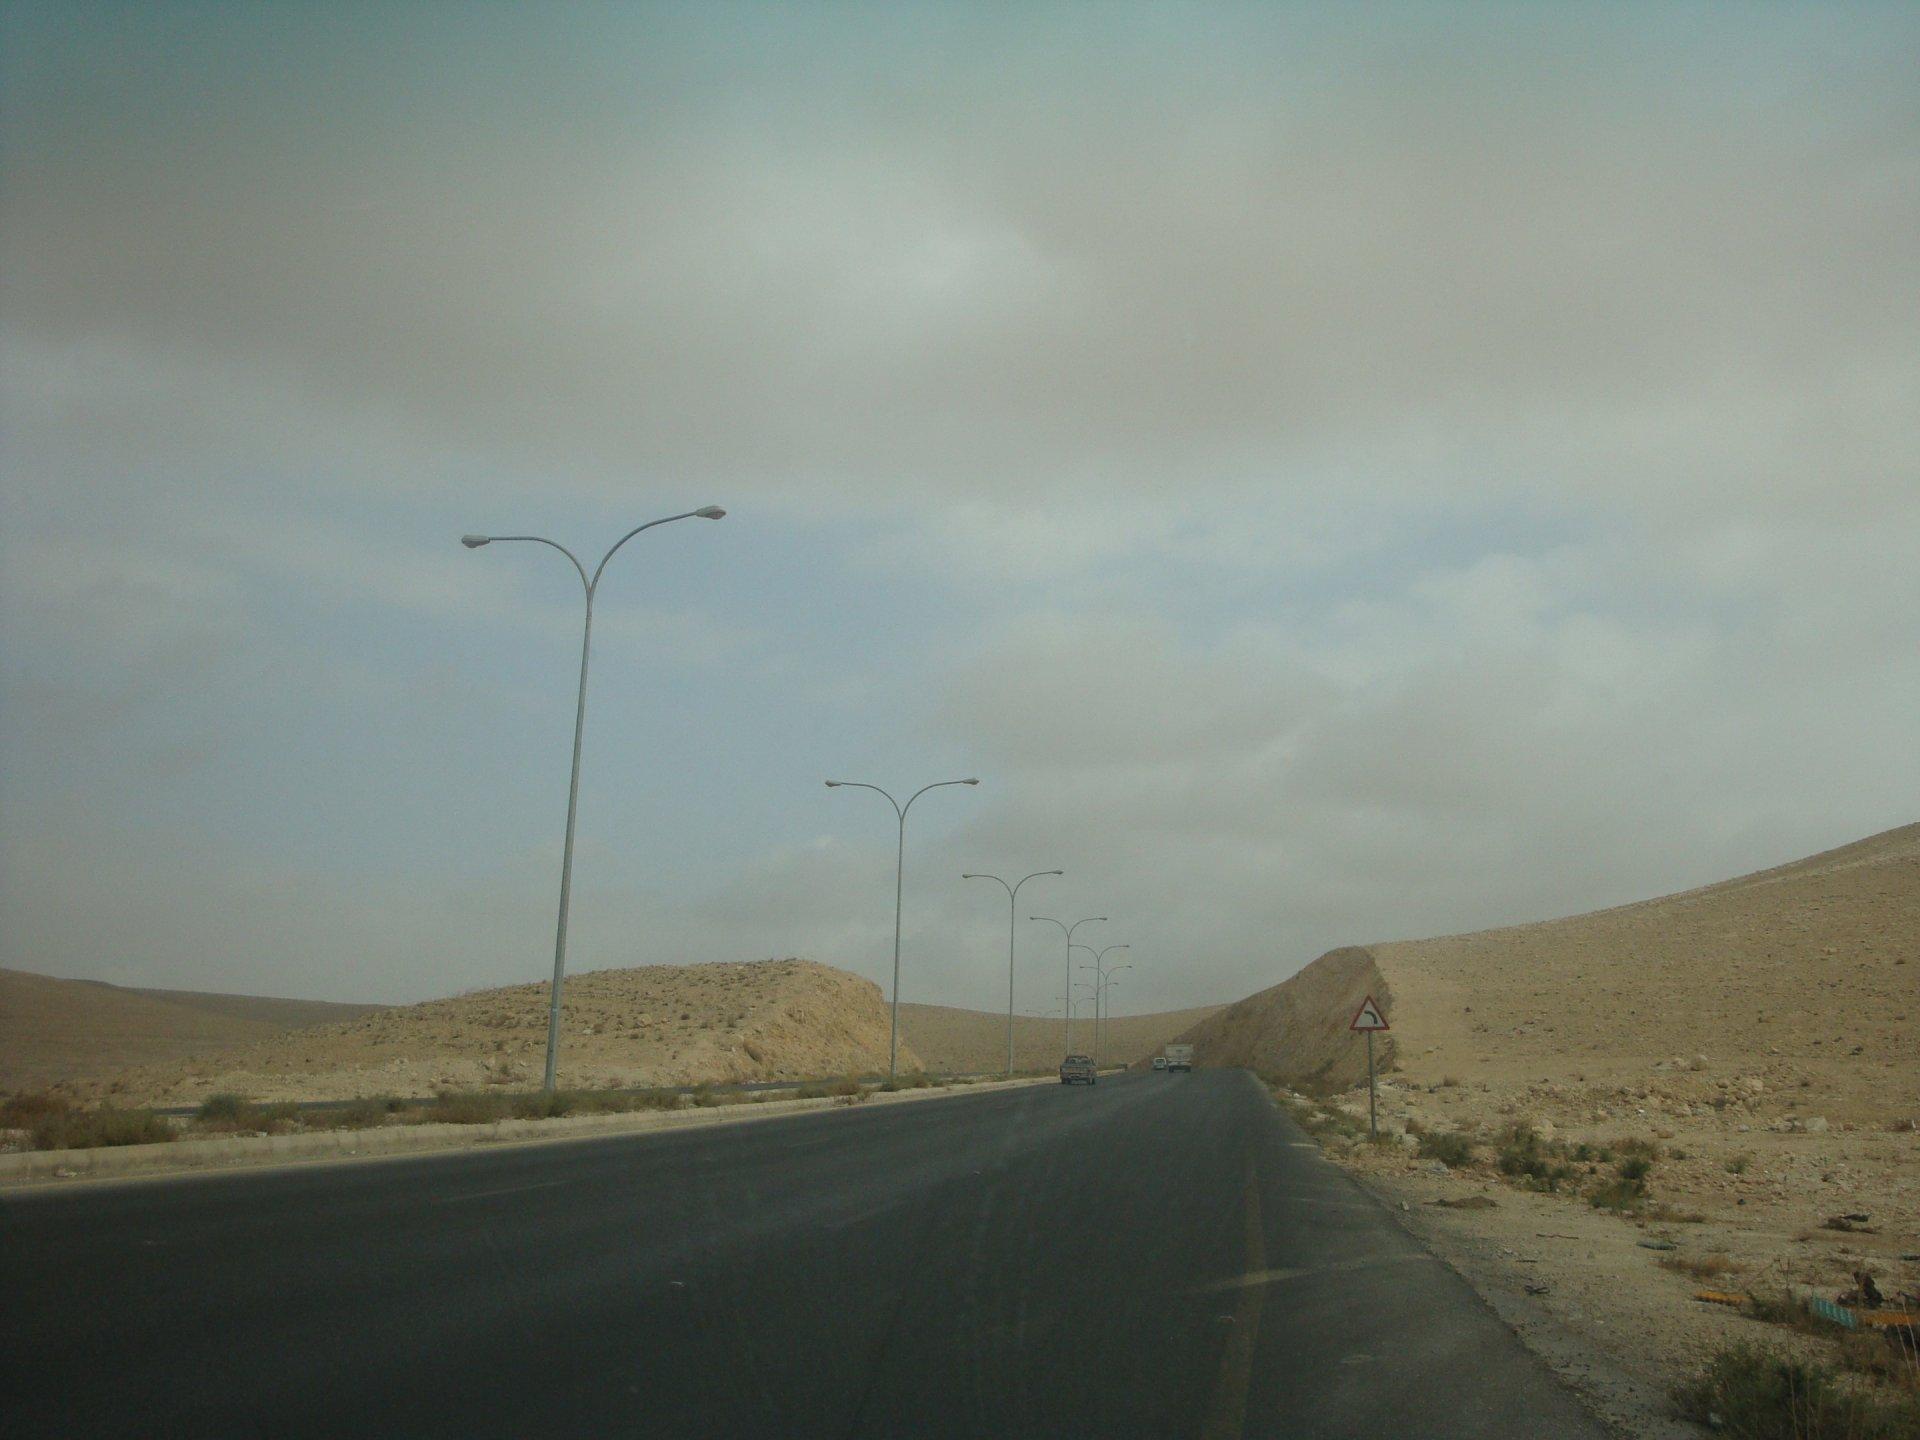 balama road